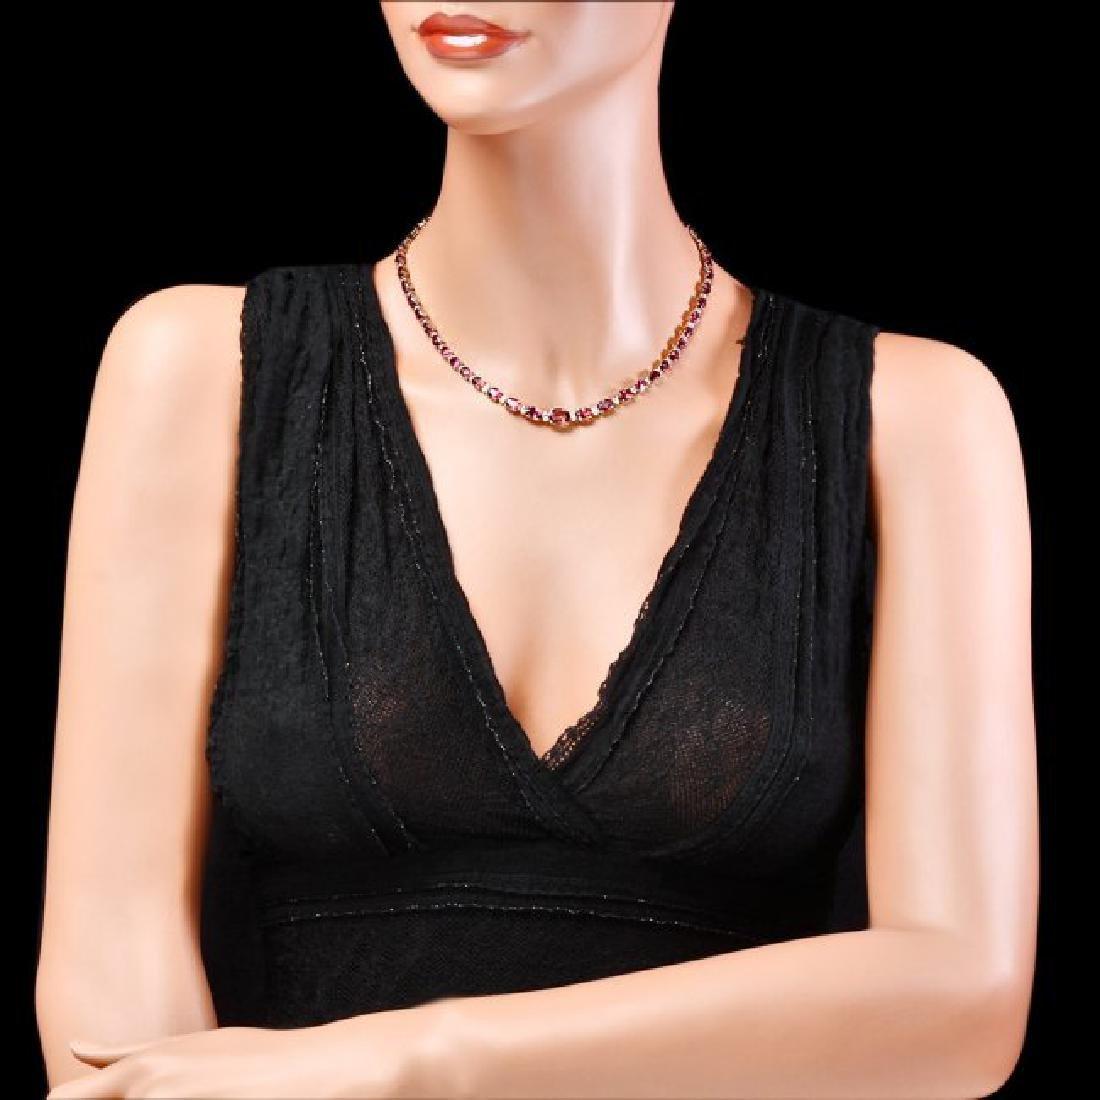 14k 26.10ct Tourmaline 1.60ct Diamond Necklace - 4